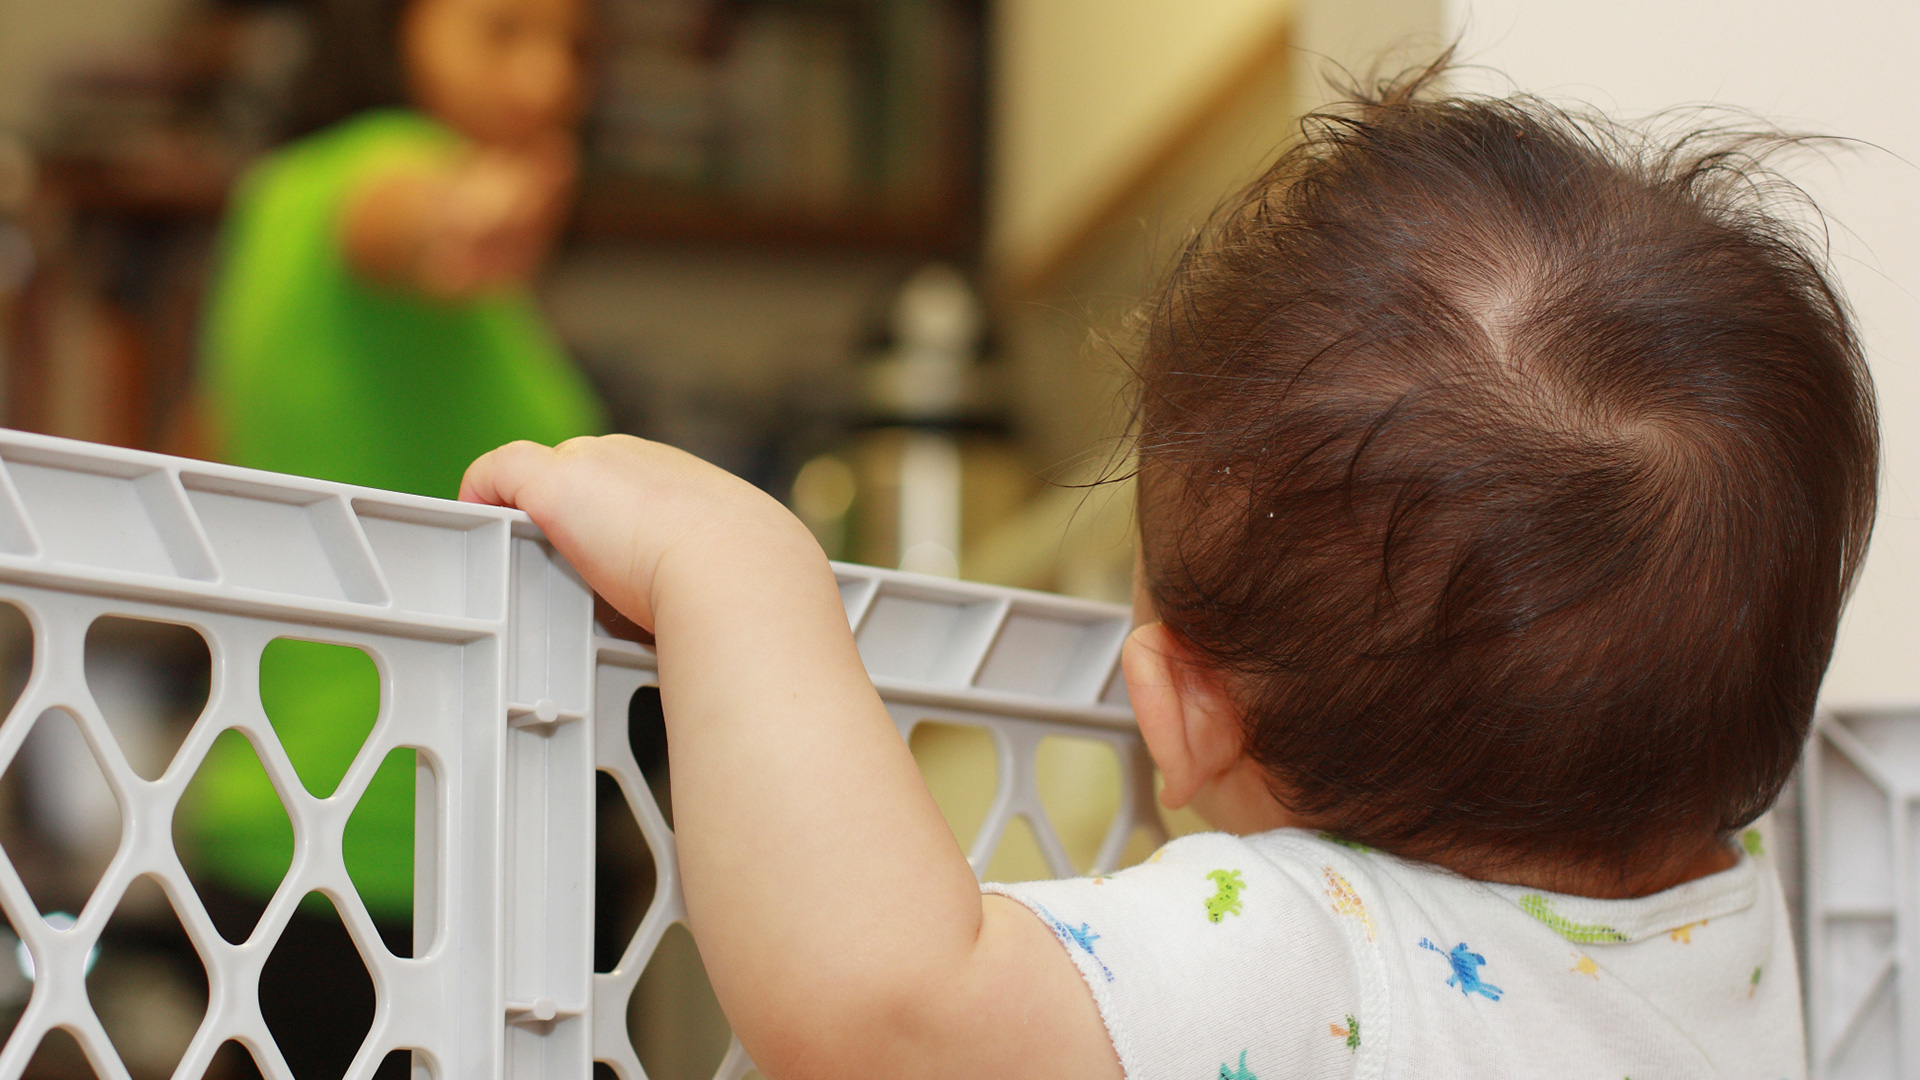 Tránh những rủi ro không đáng có đây là nguyên tắc tạo không gian nhà an toàn nếu gia đình có trẻ nhỏ - Ảnh 2.